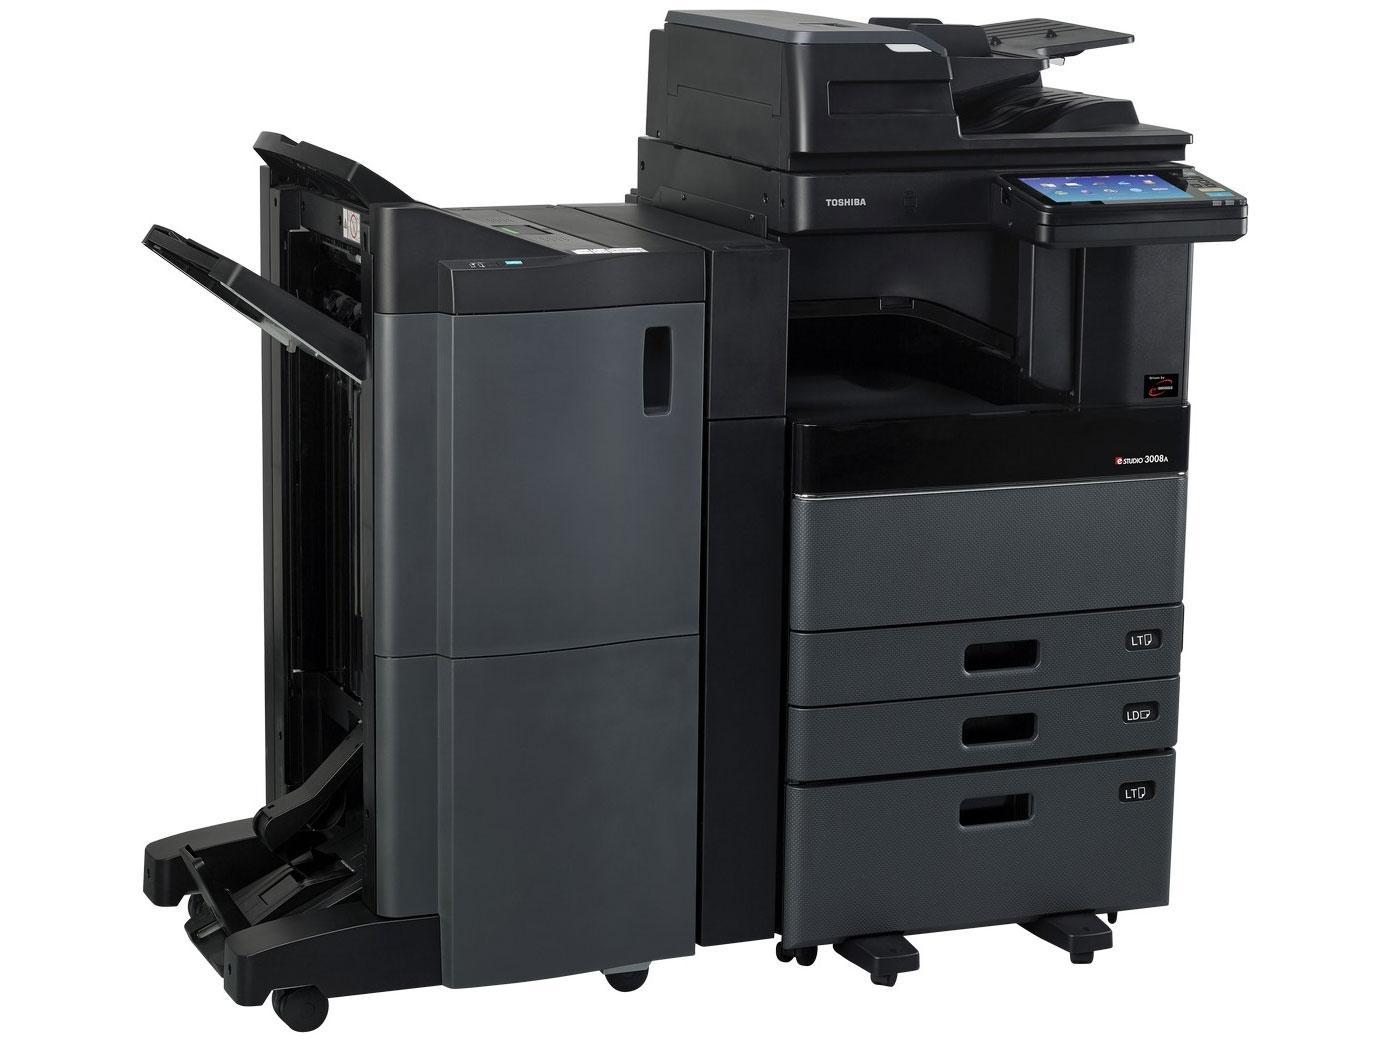 Precio Toshiba e-STUDIO 7508A